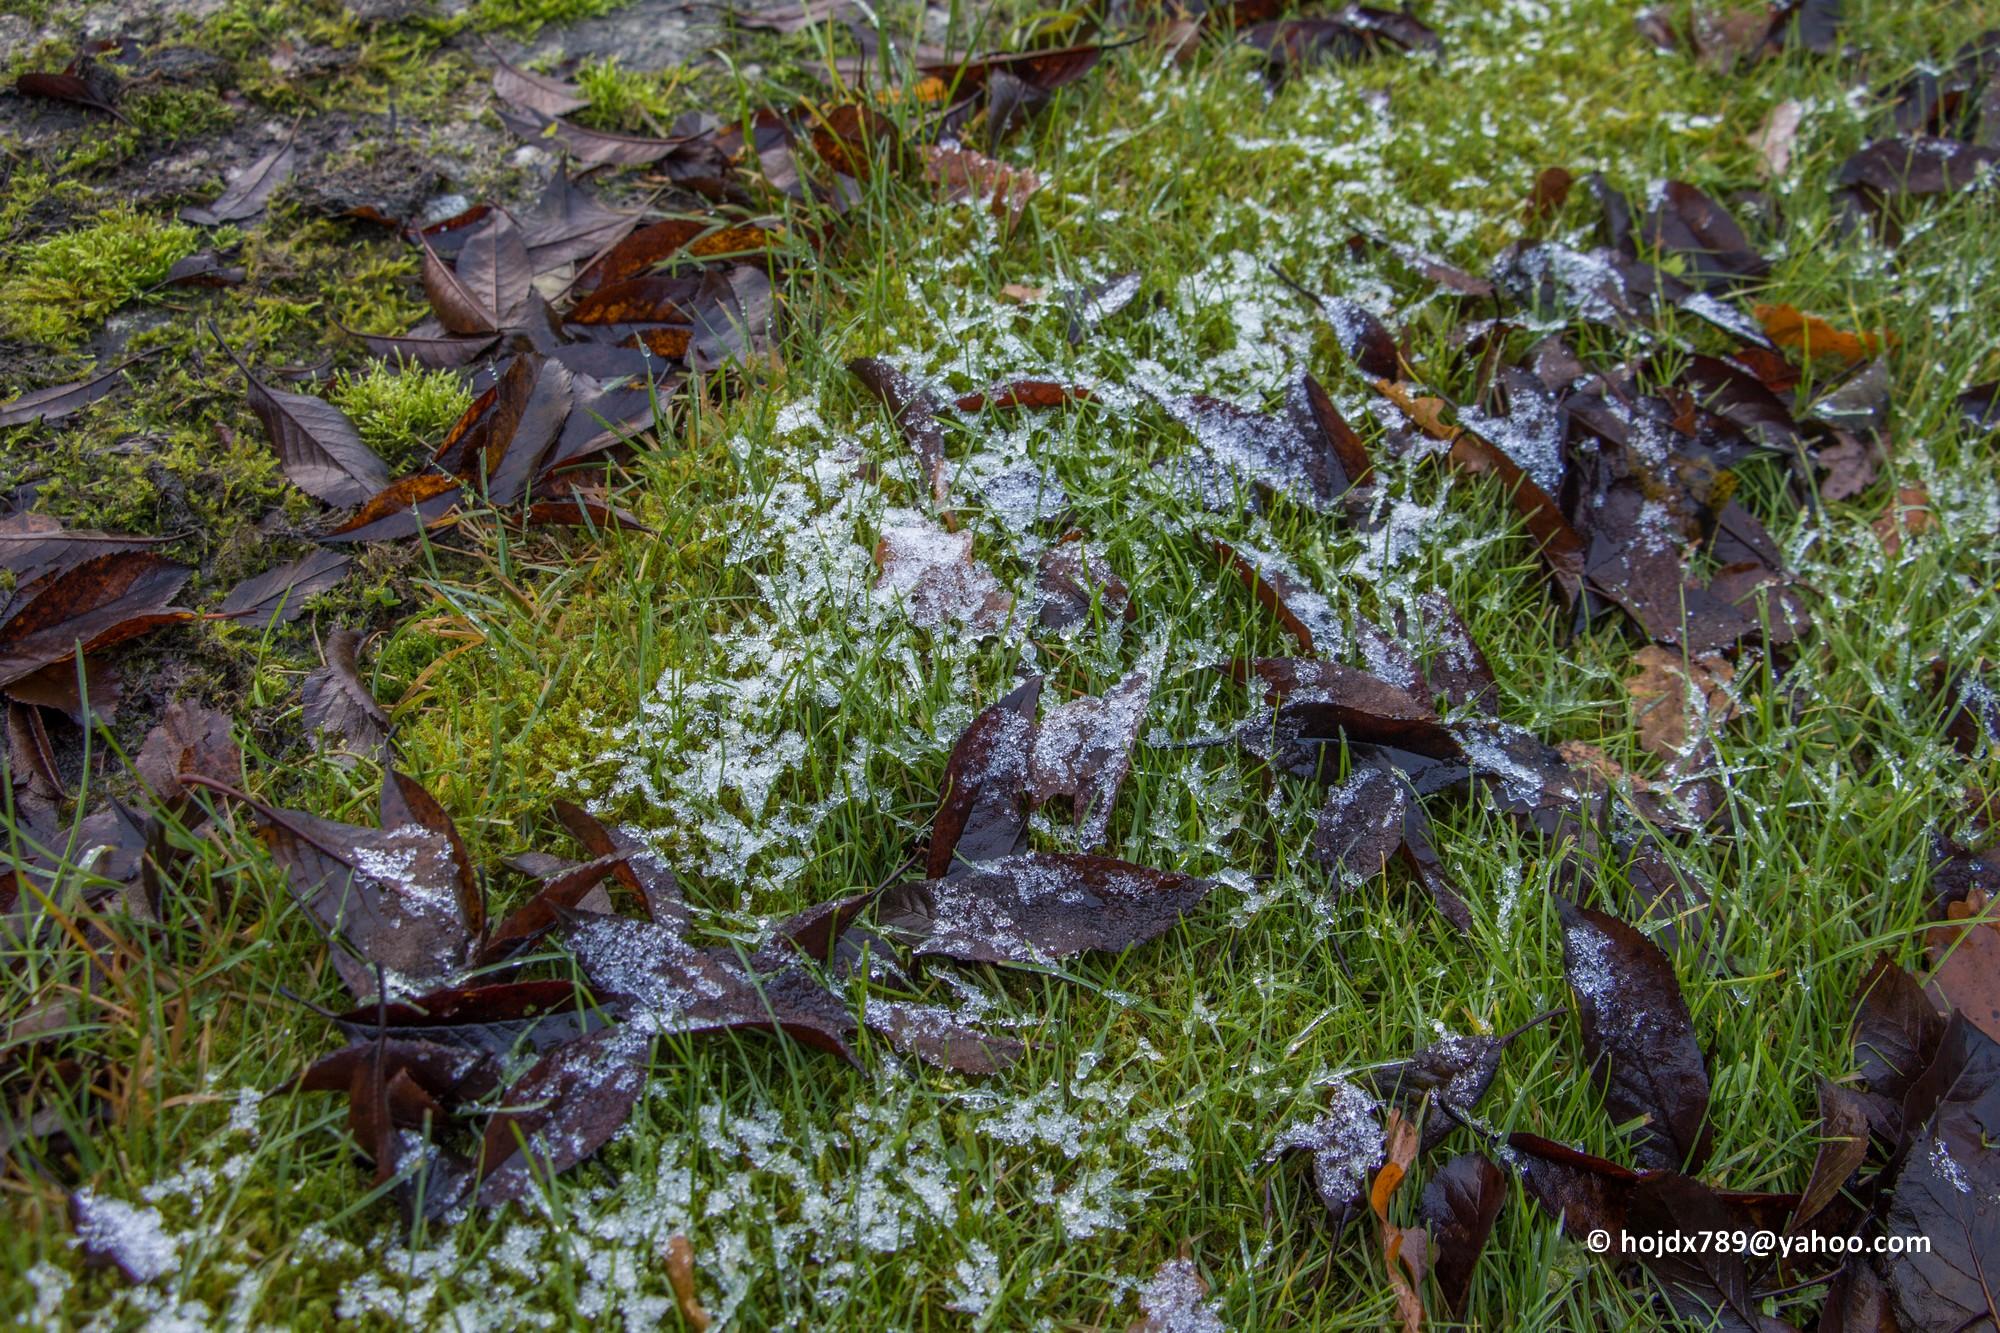 2015-11-16 Första lilla snön 001mod